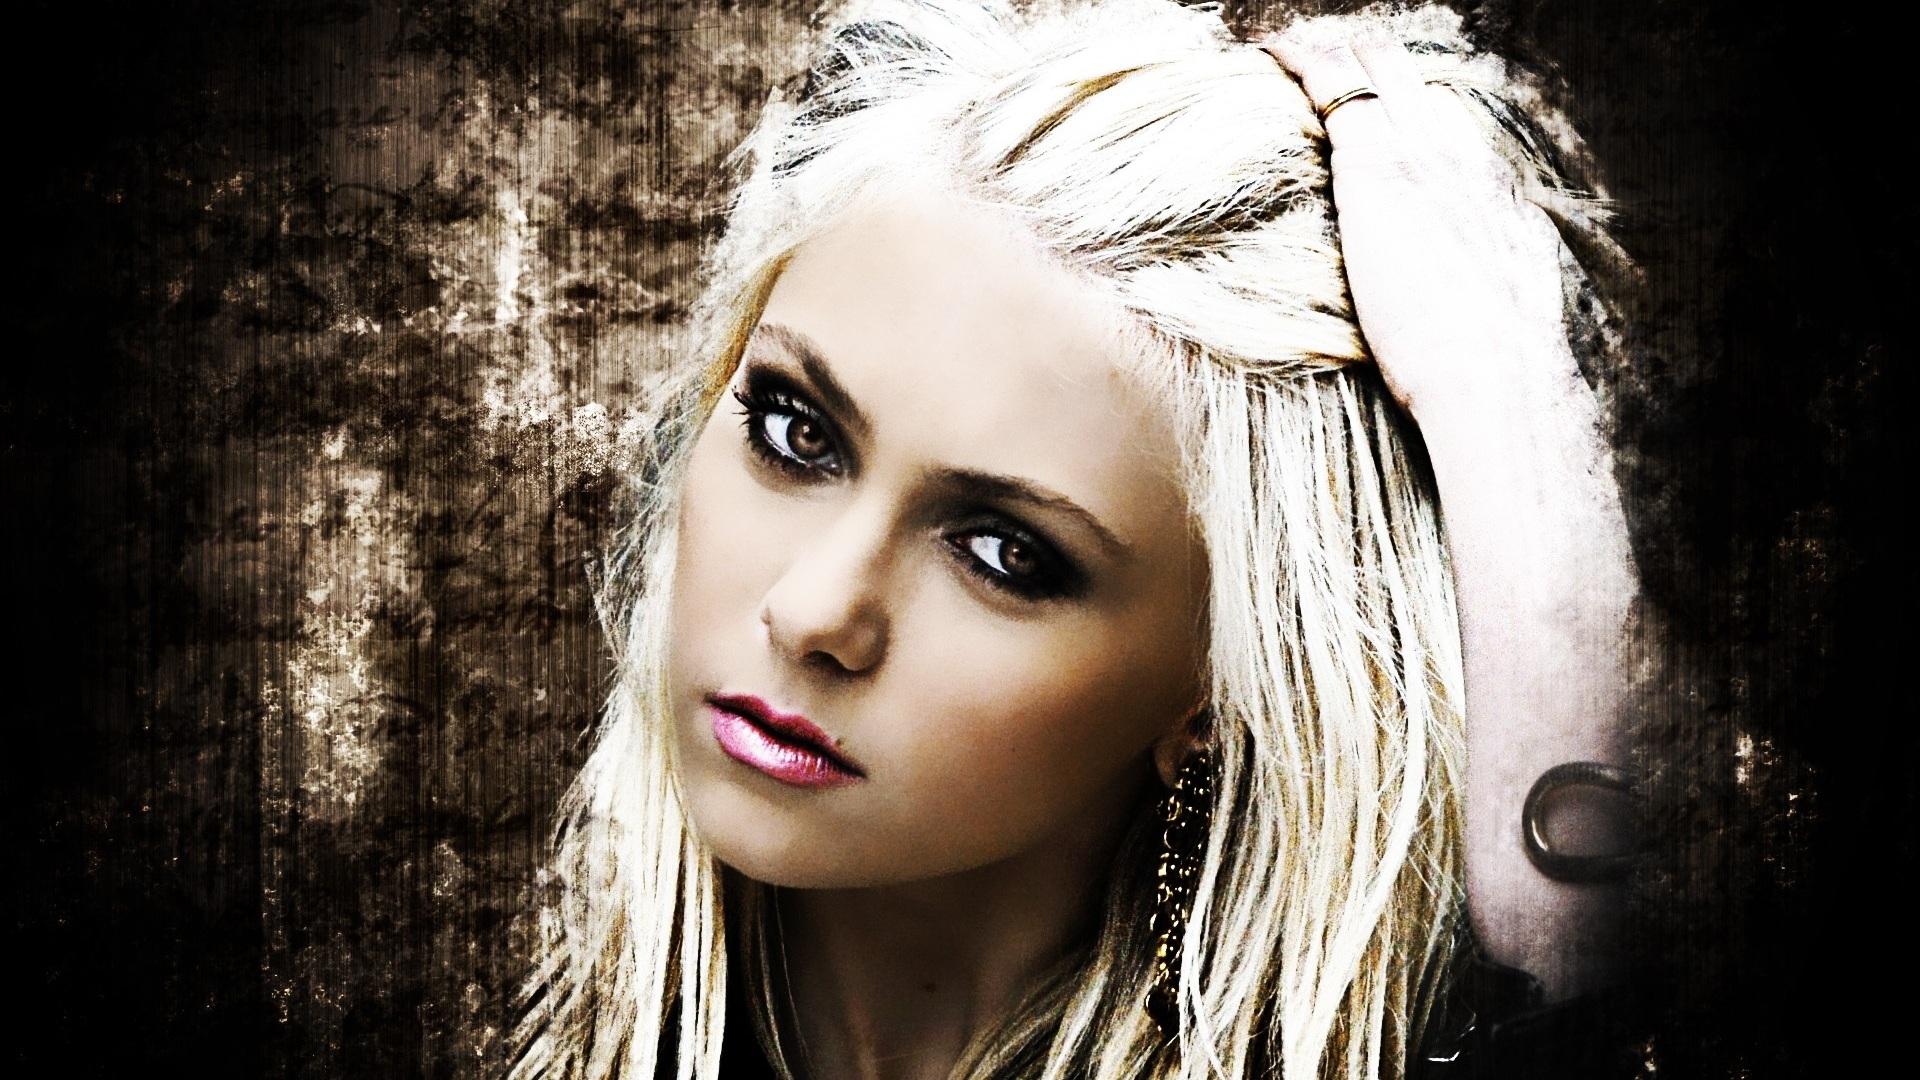 Taylor-Momsen-01_1920x1080.jpg Taylor Momsen